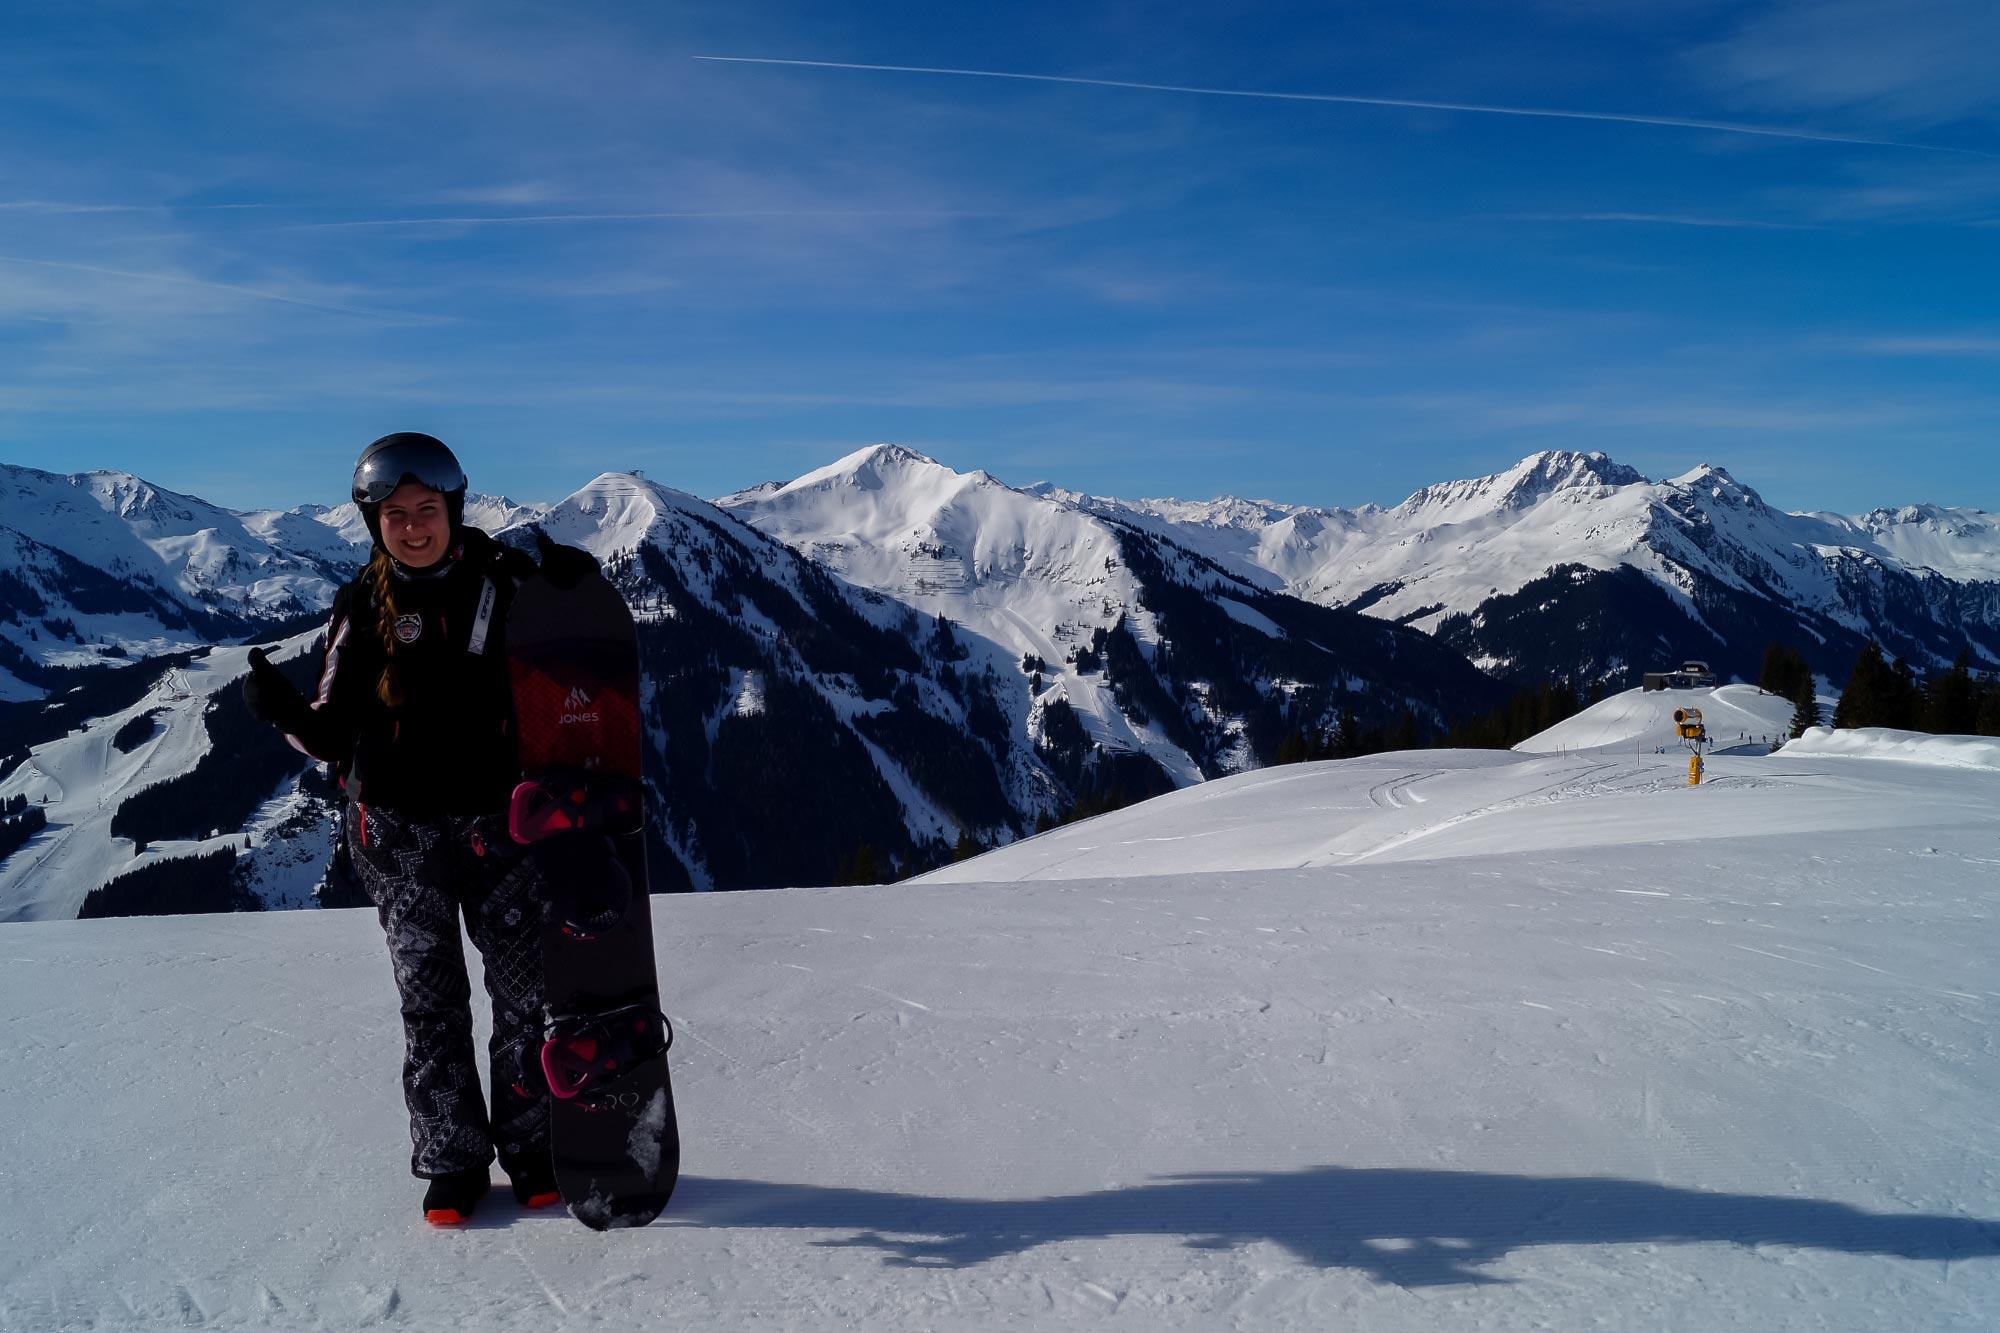 Wintersport in skicircus Saalbach-Hinterglemm